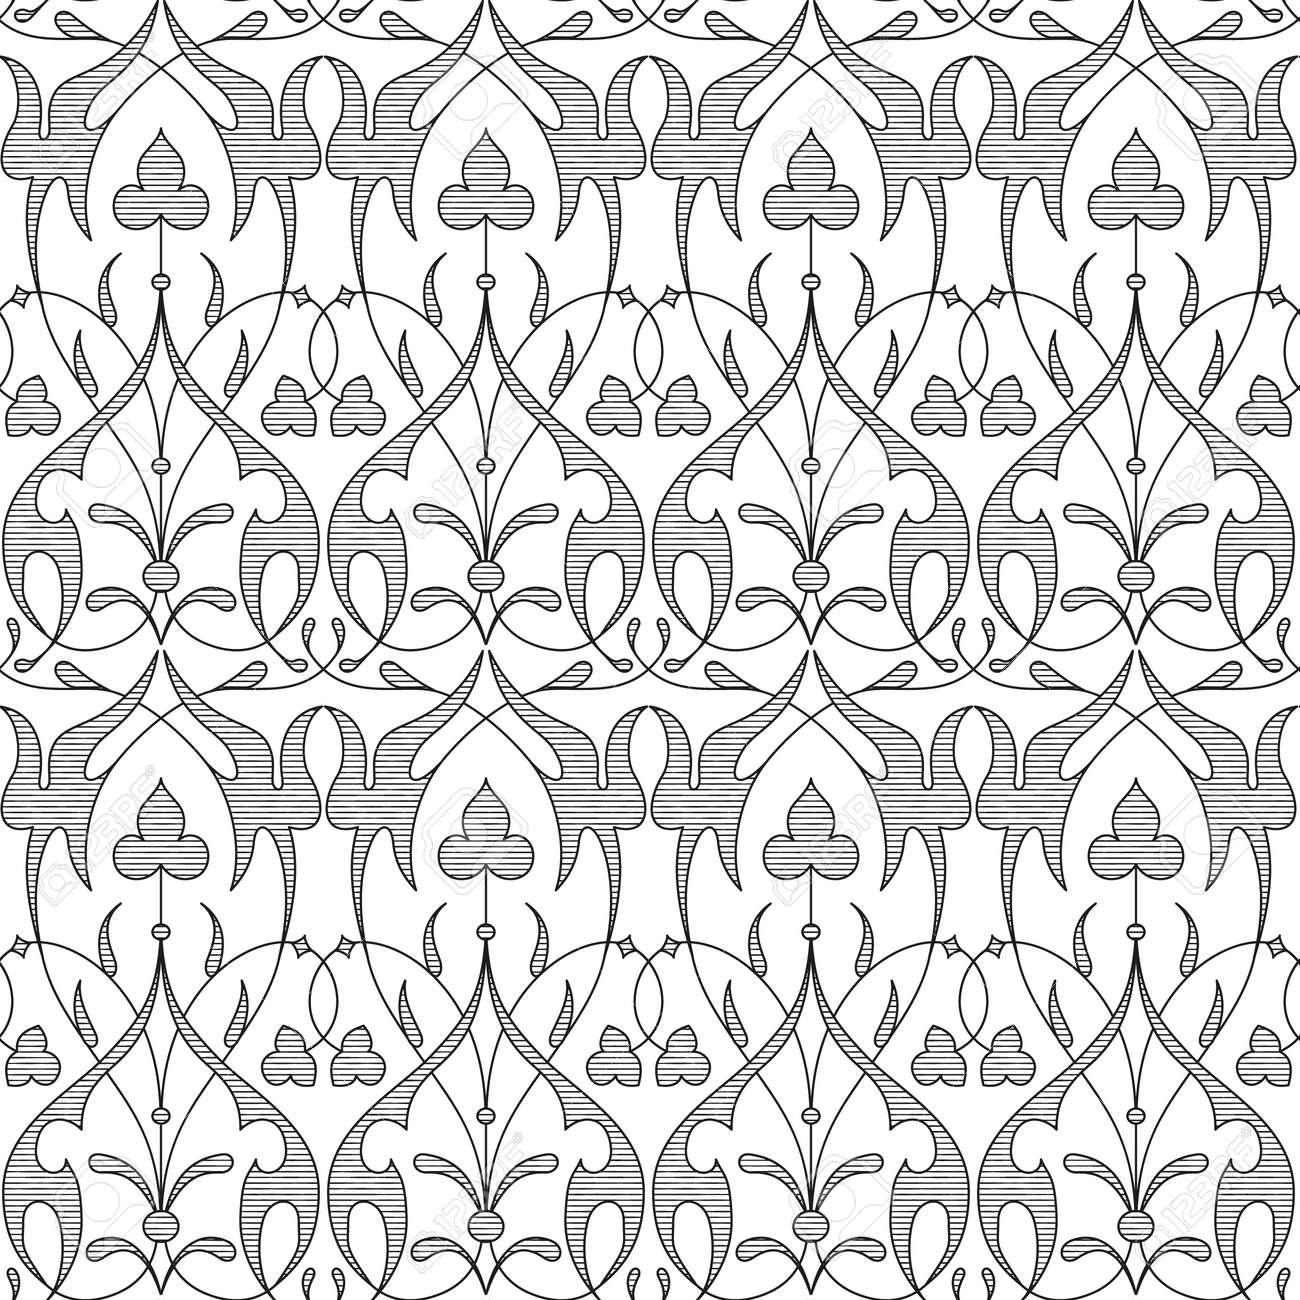 Modelo Floral Inconsútil Del Damasco Fondo Real De Wallpaperblack Y Blanco Patrón De Vector Gráfico